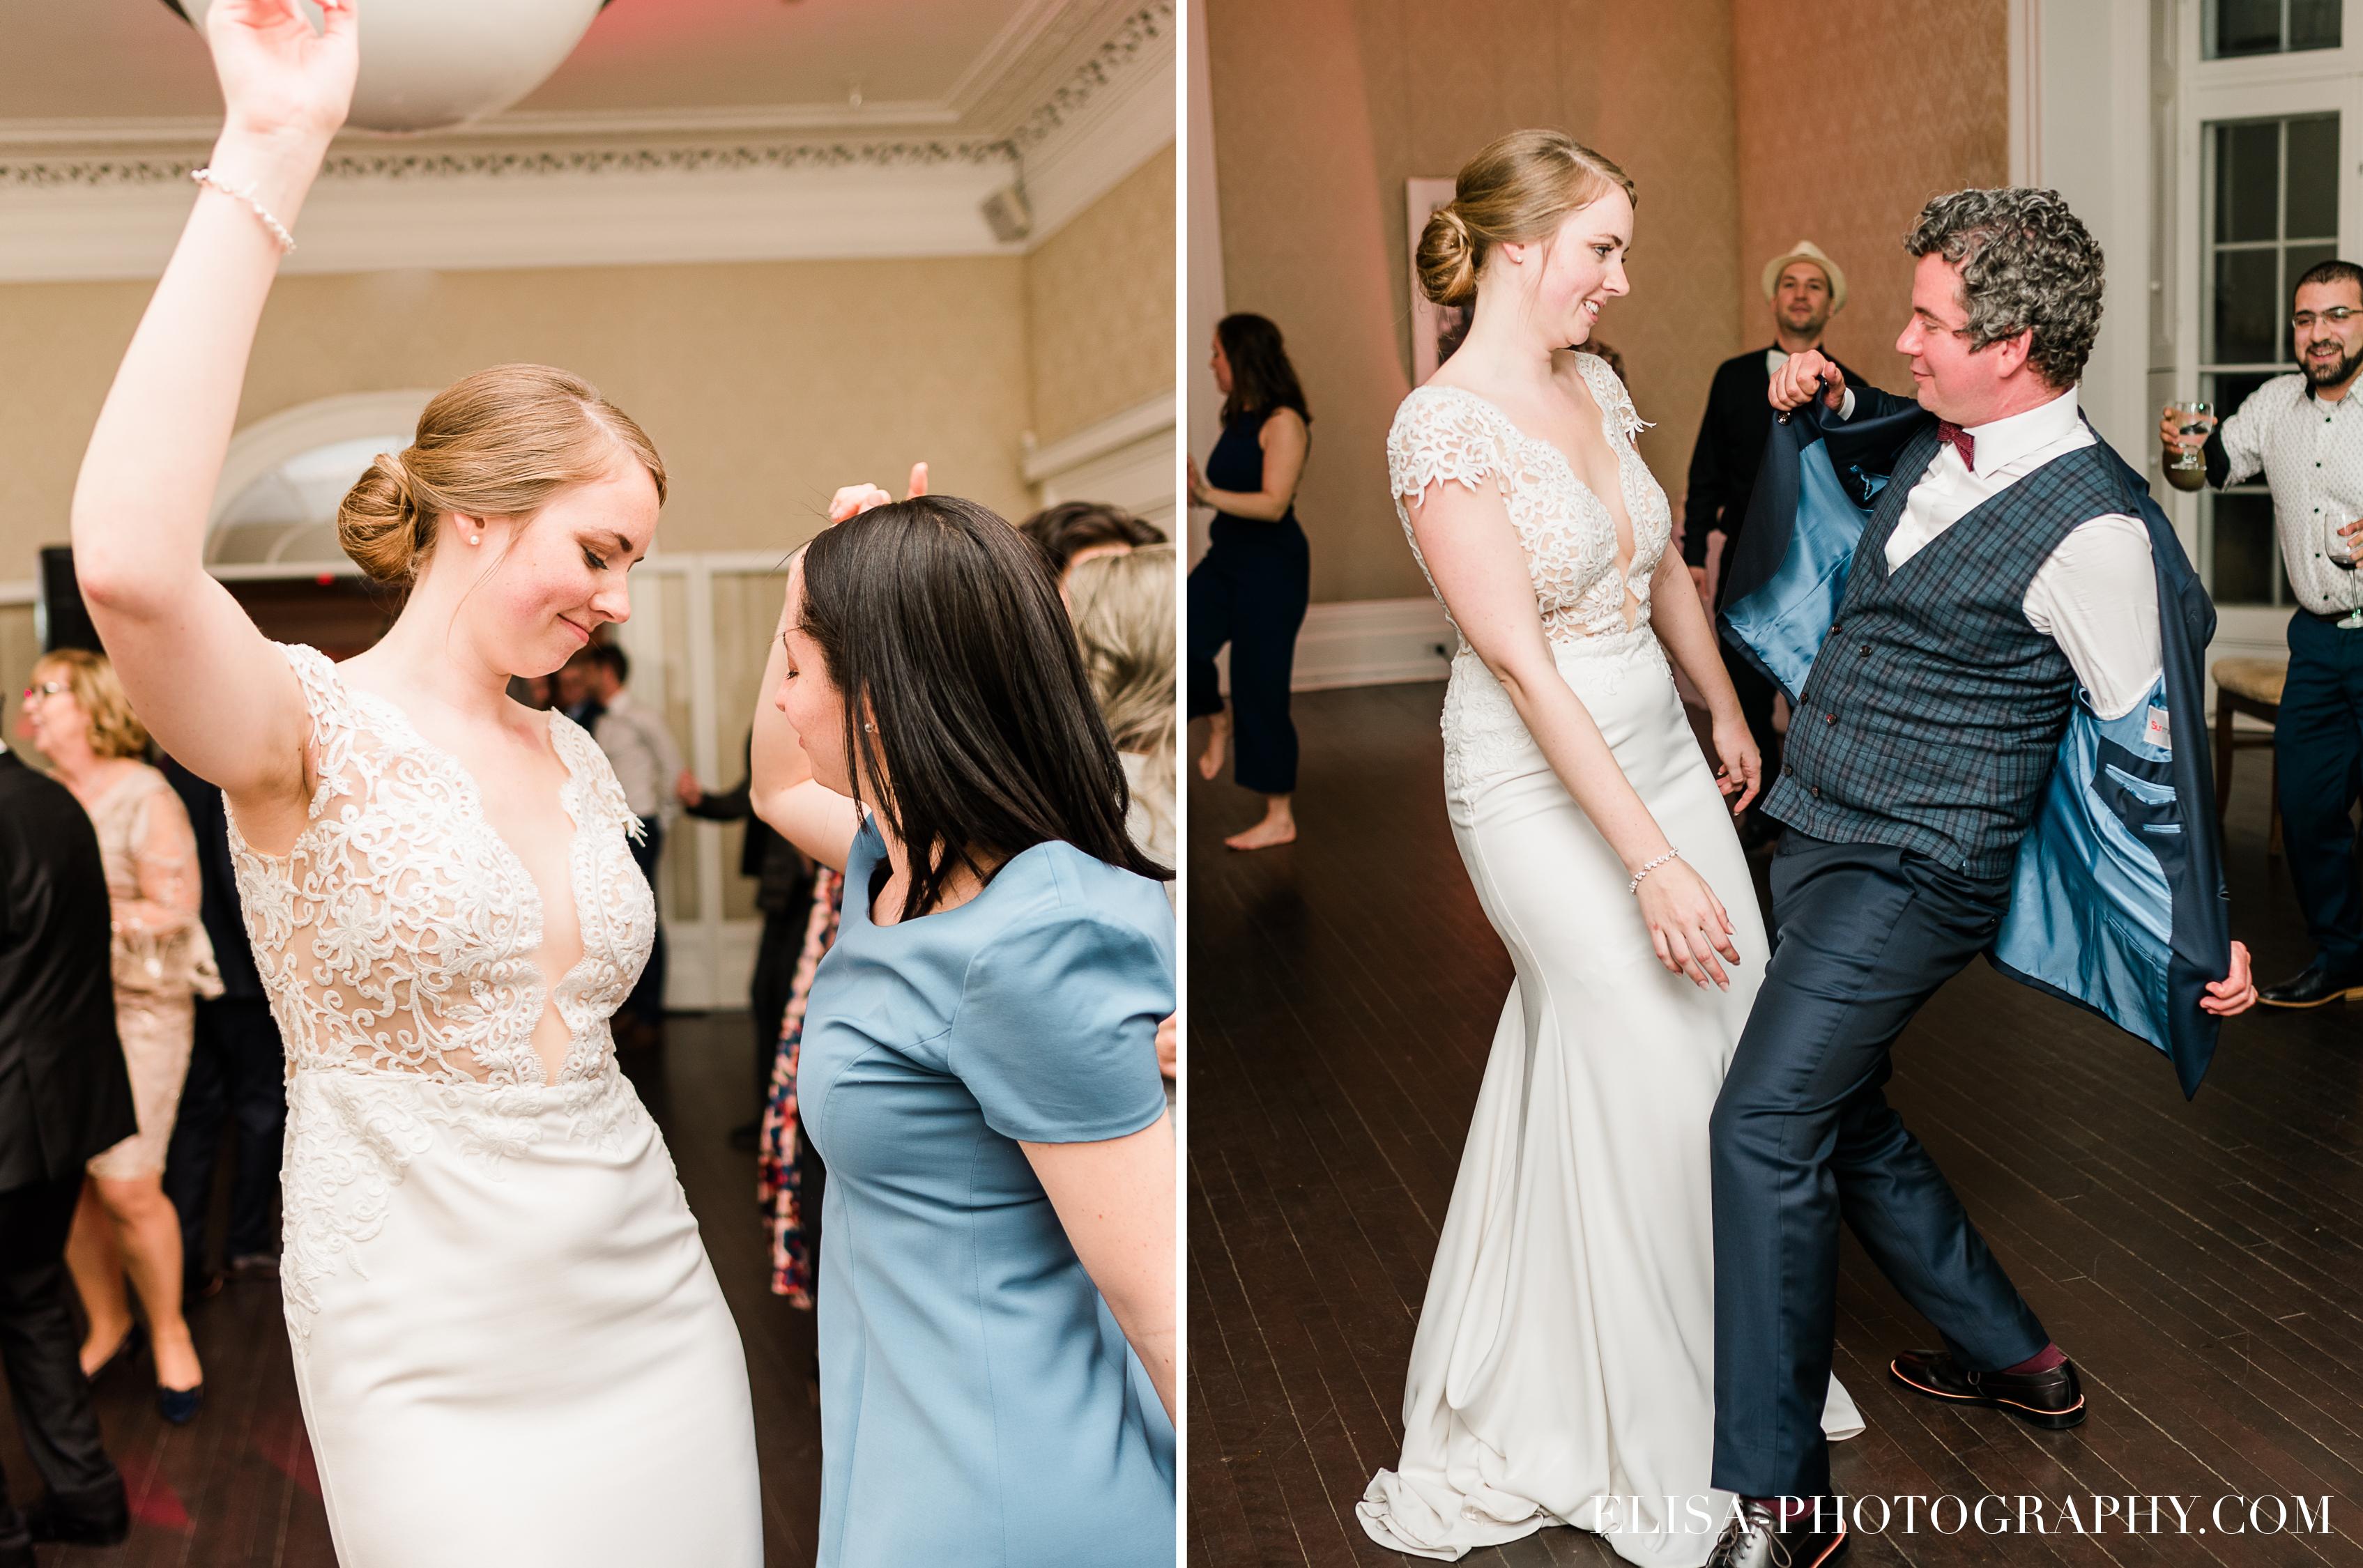 photo mariage reception danse domaine cataraqui centres de table elisa photographe - Mariage élégant et discret au coeur du magnifique Domaine Cataraqui, Québec